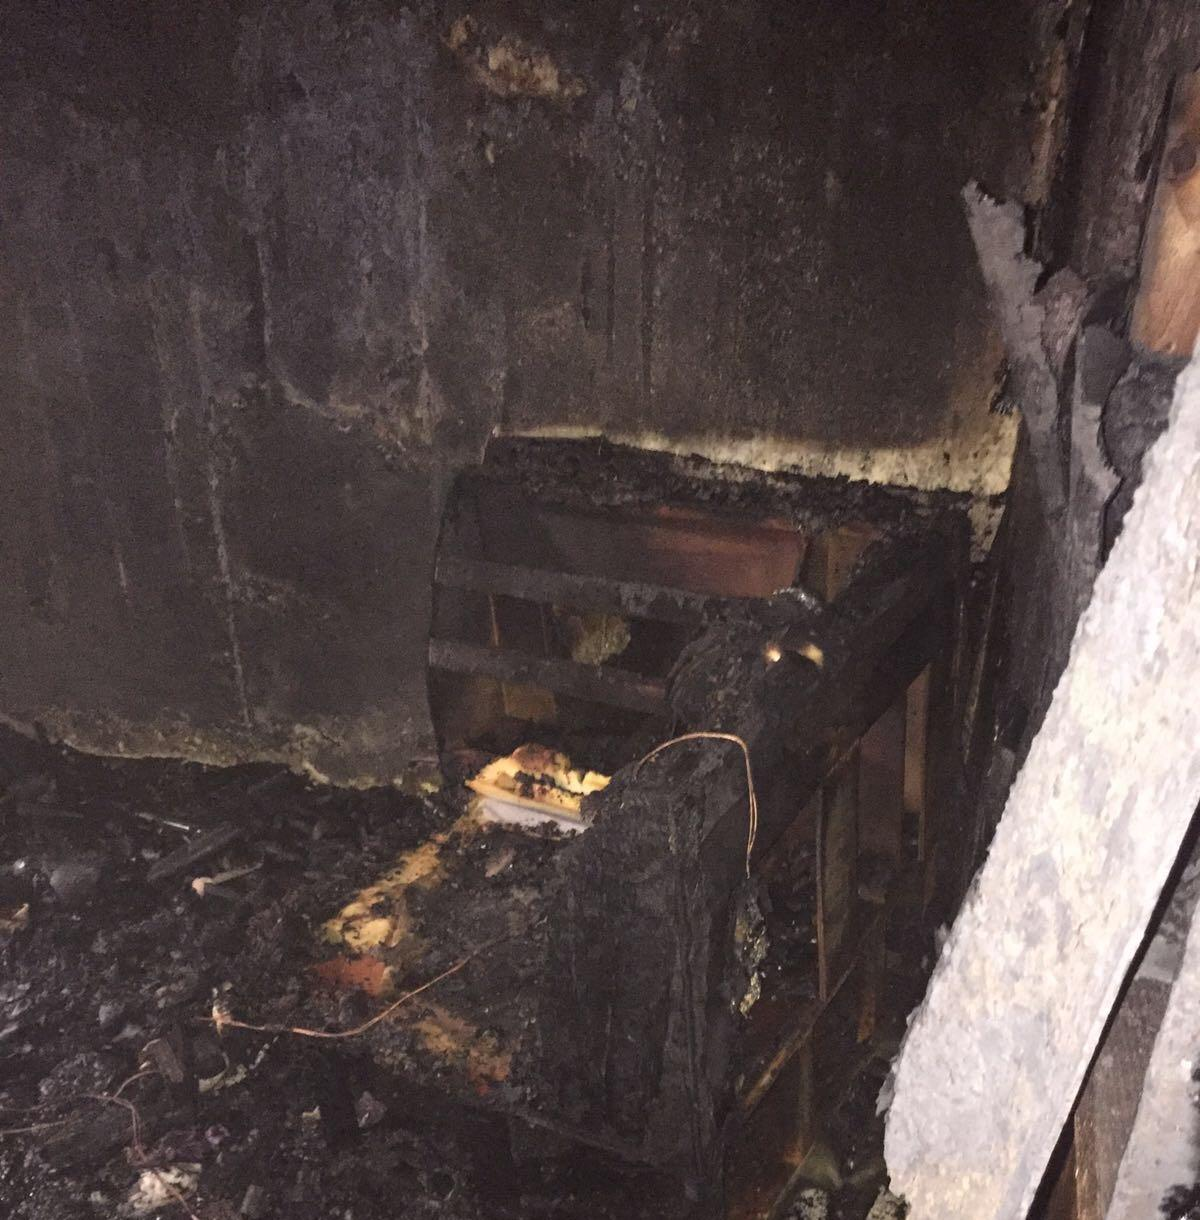 حريق جنوب حي الجامعة بجدة (2)